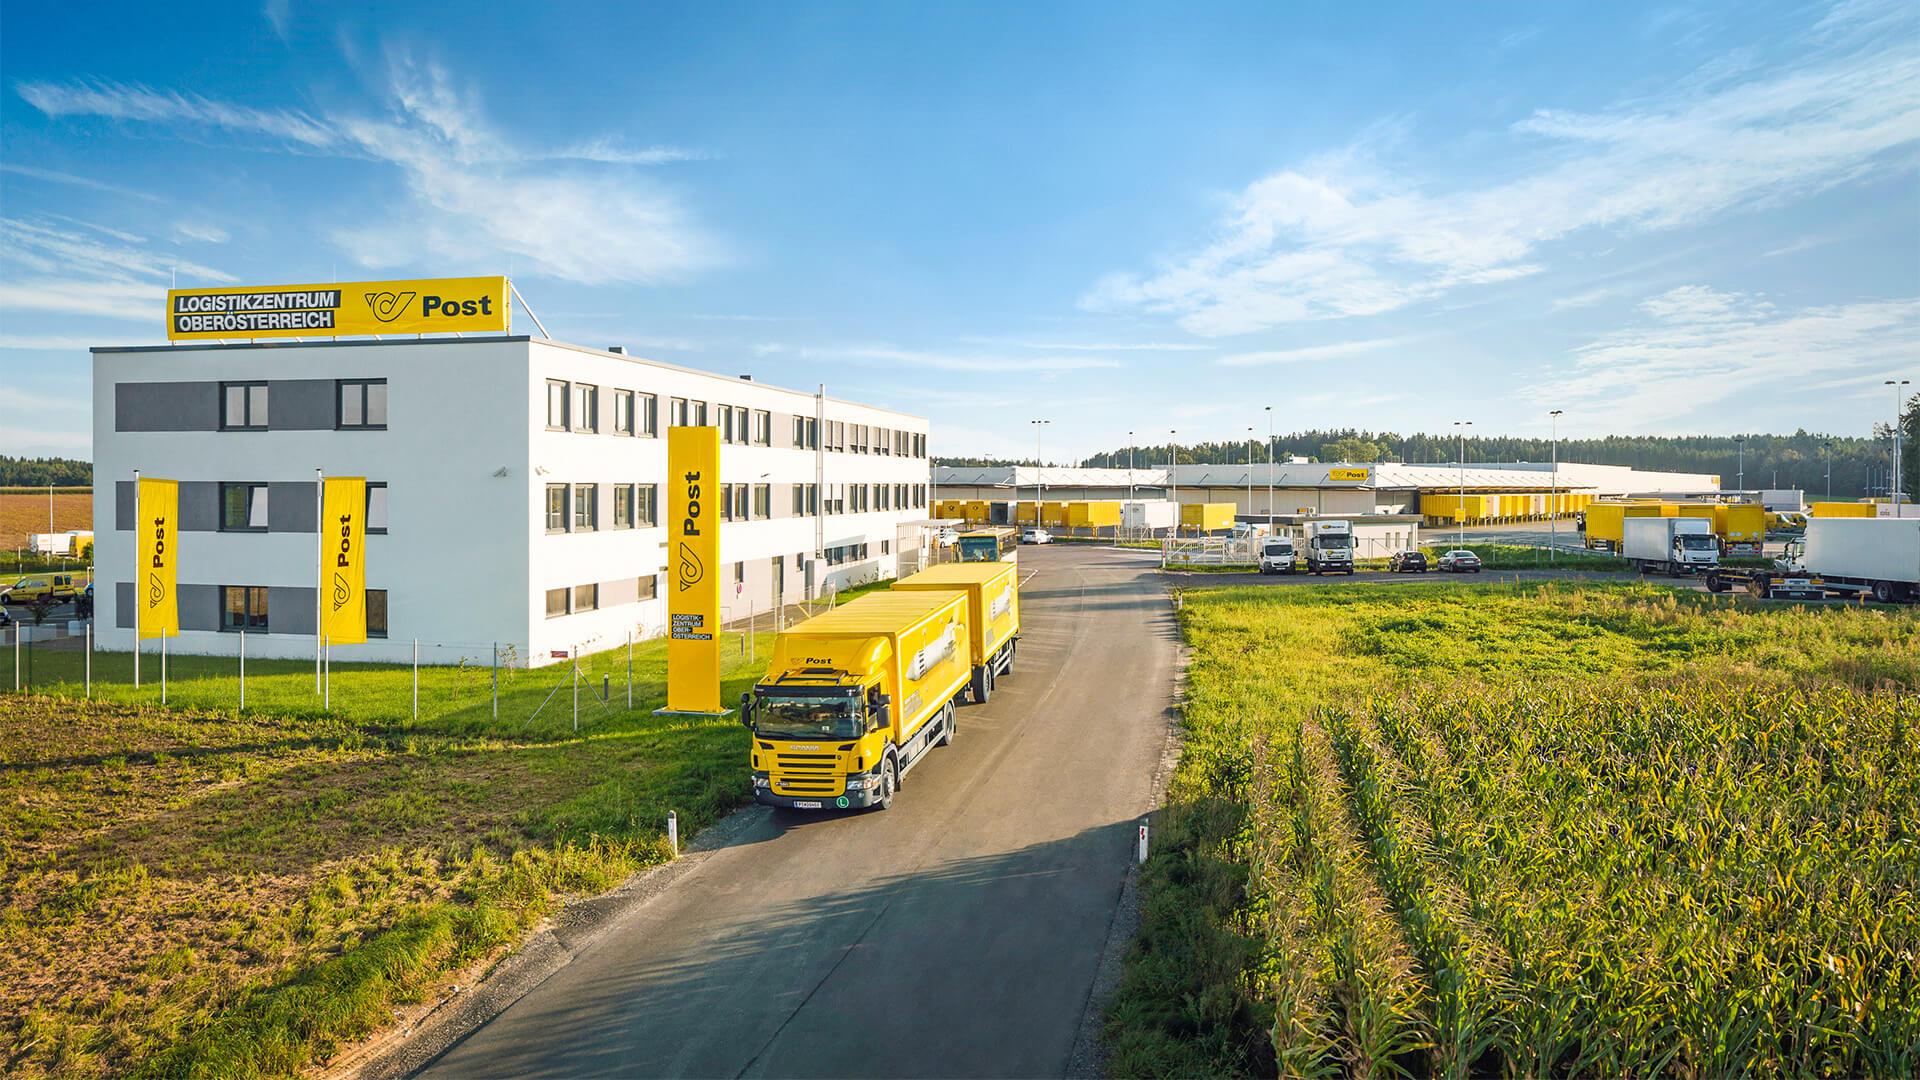 Österreichische Post Logistikzentrum von außen